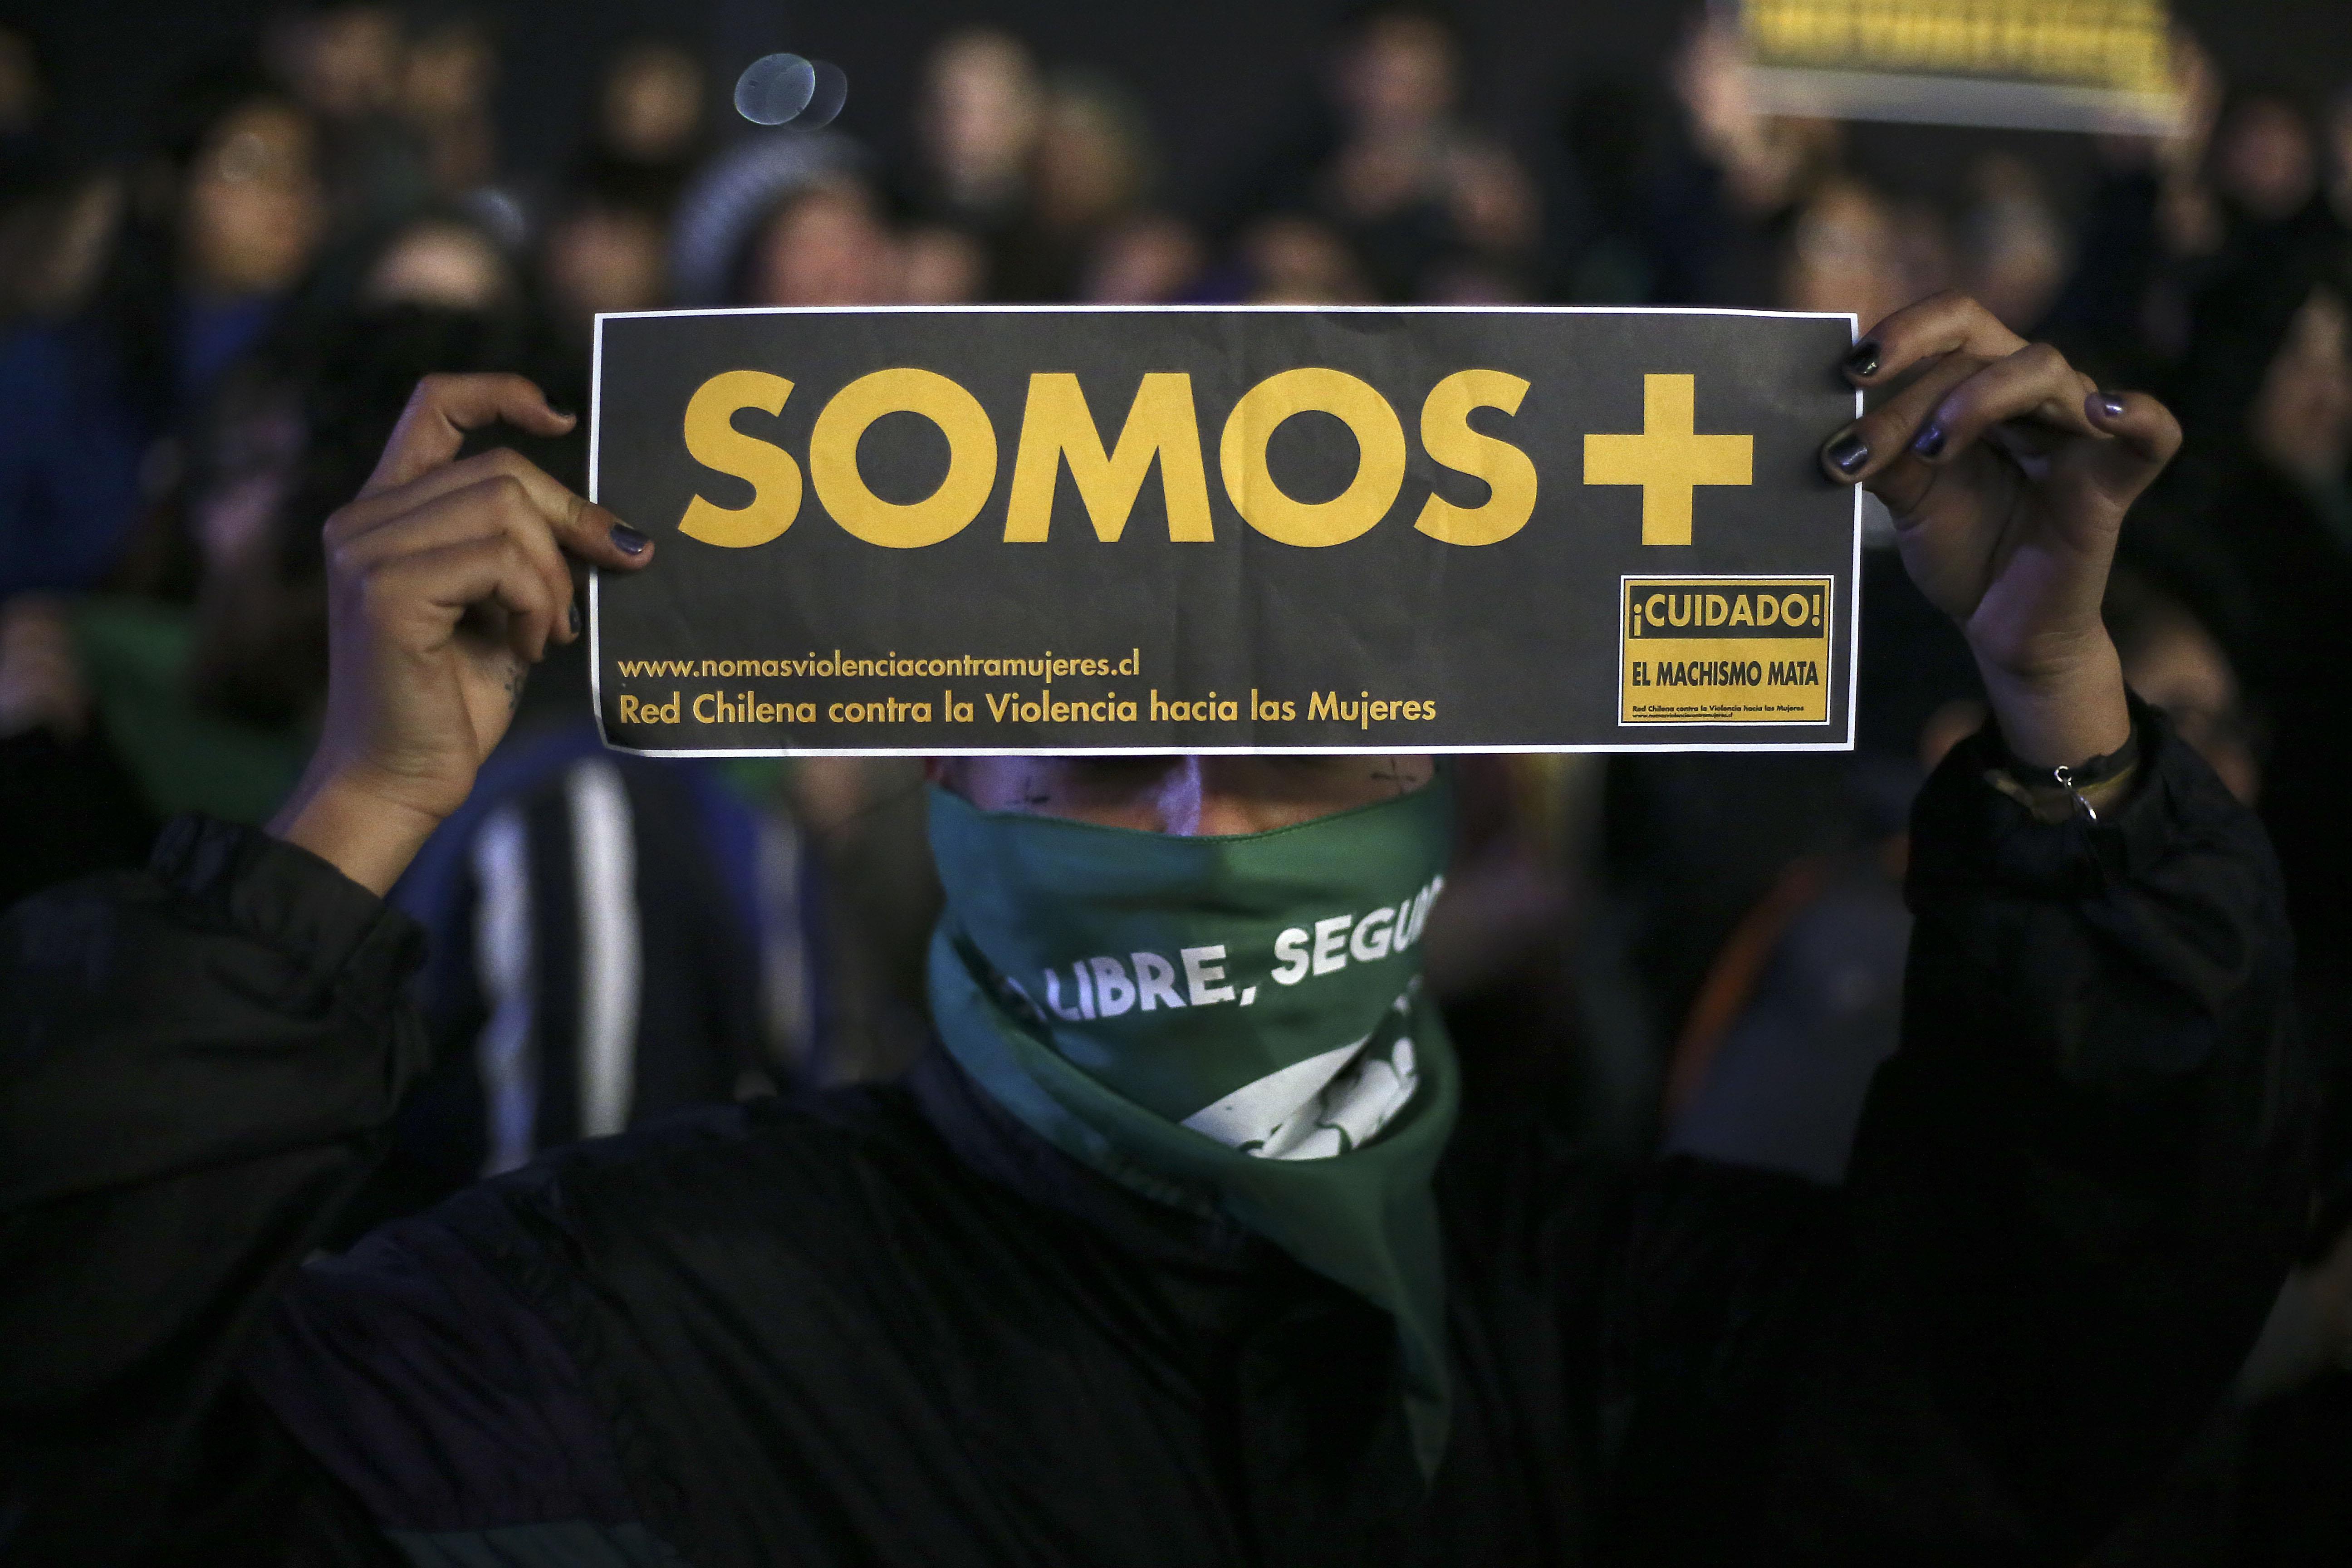 The Guardian critica al gobierno de Piñera por no condenar ataque a mujeres en marcha por aborto